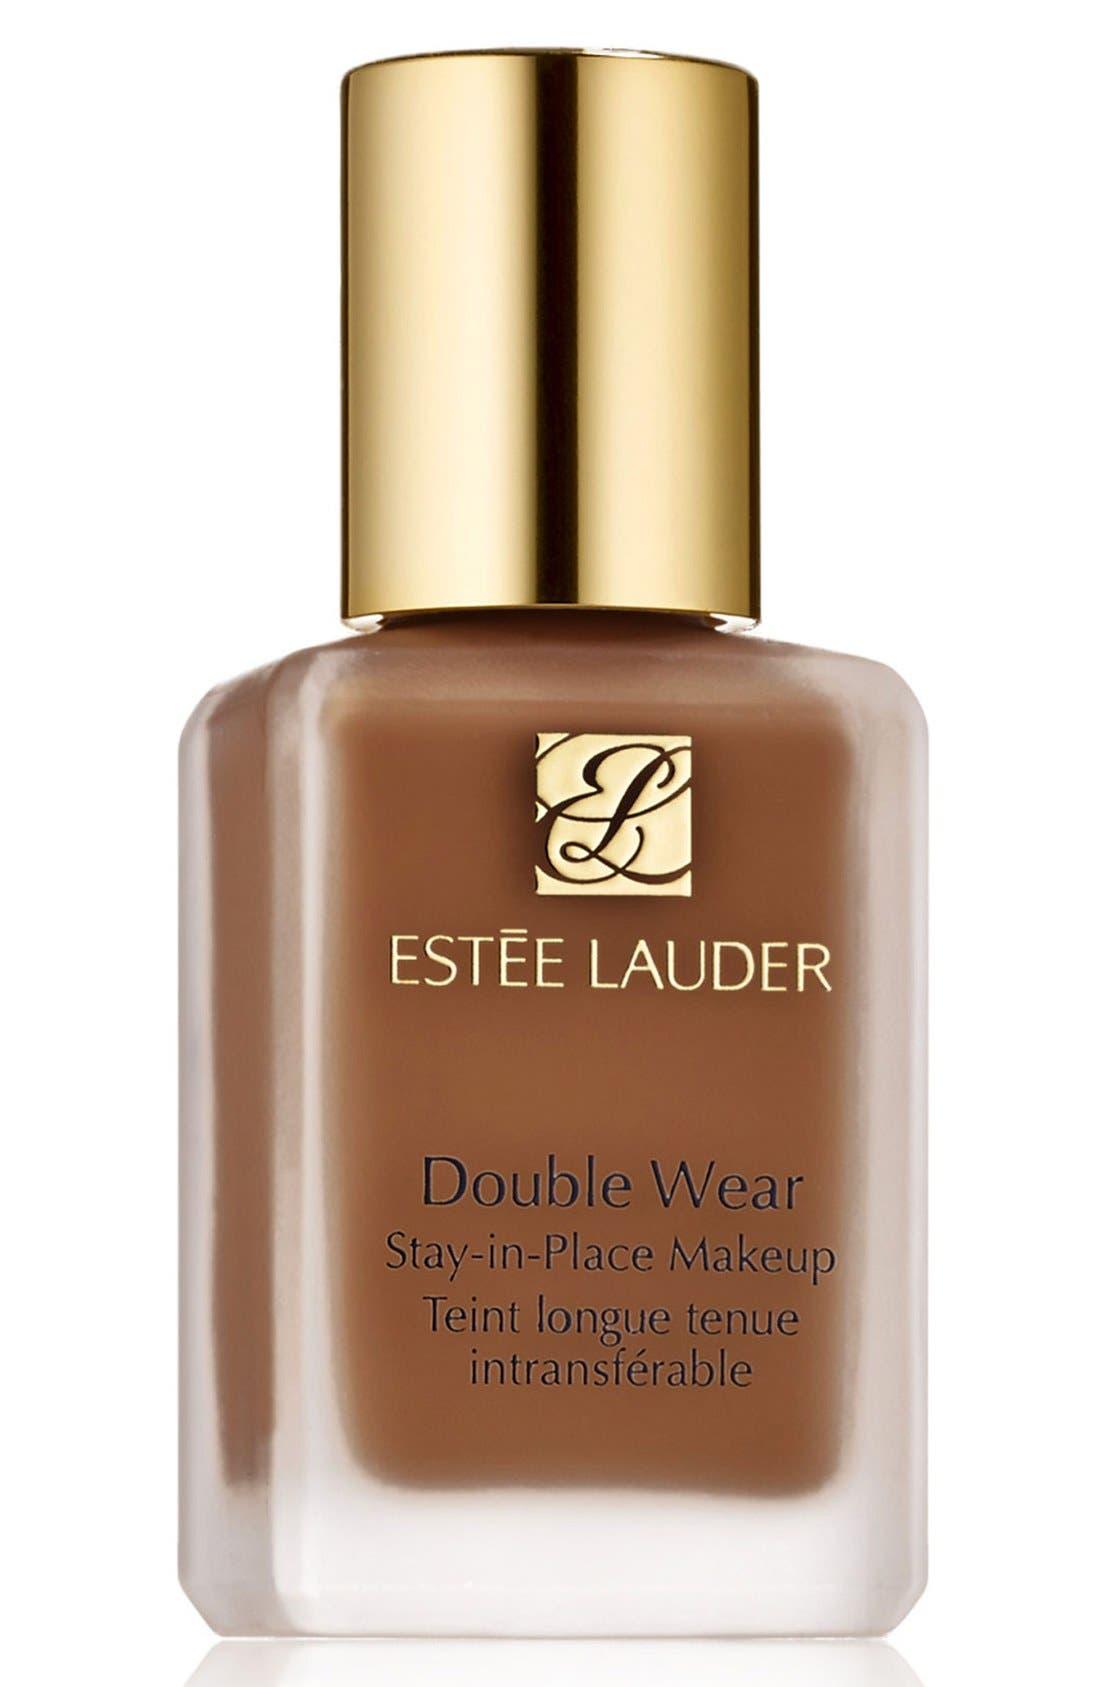 Estee Lauder Double Wear Stay-In-Place Liquid Makeup - 6N1 Mocha